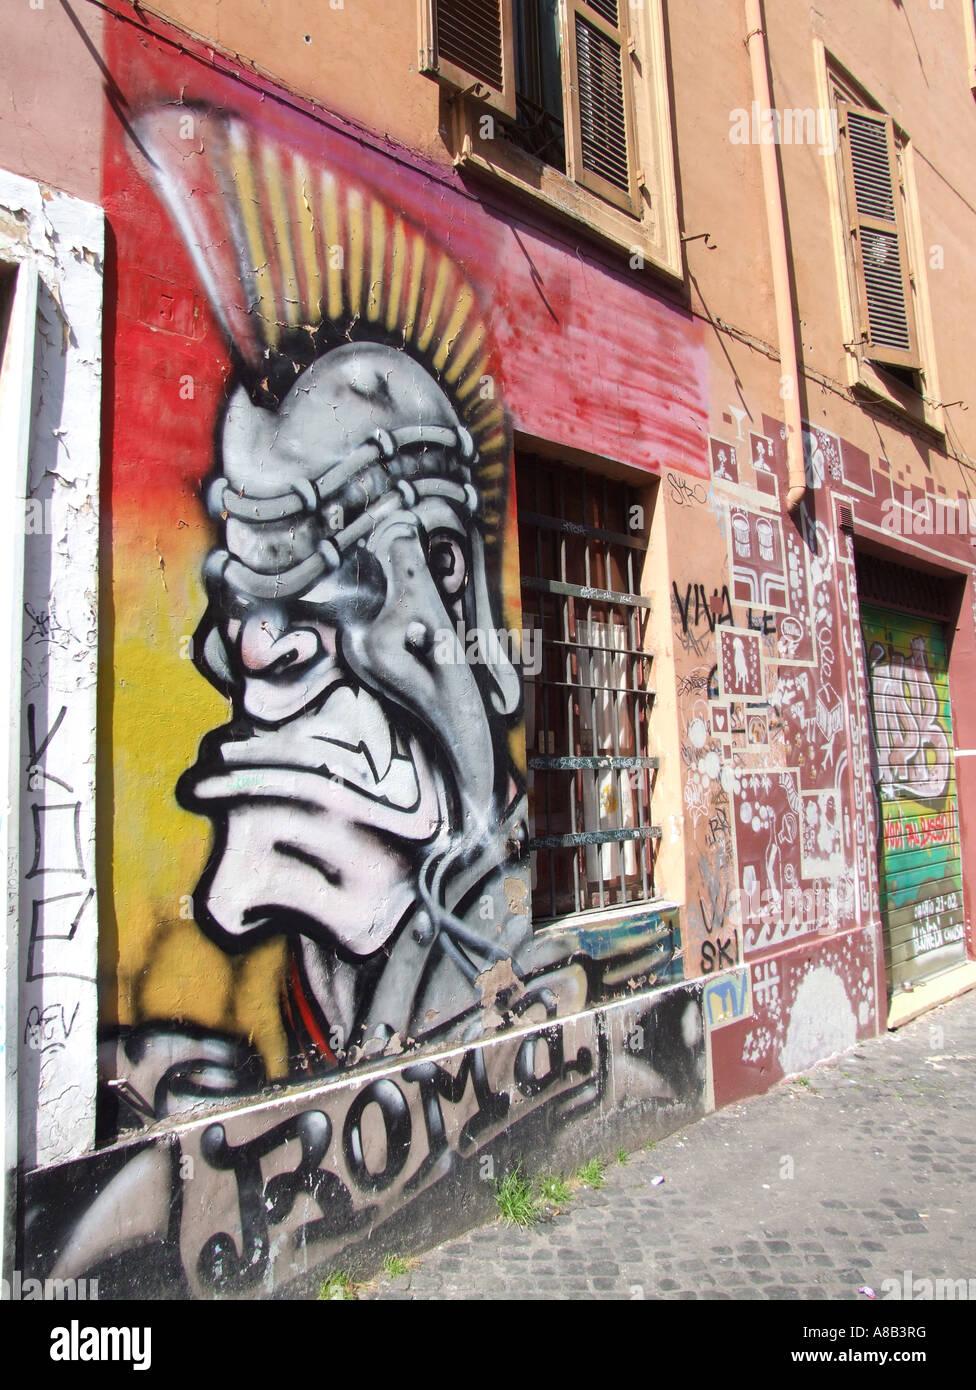 Graffiti in the san lorenzo area of rome